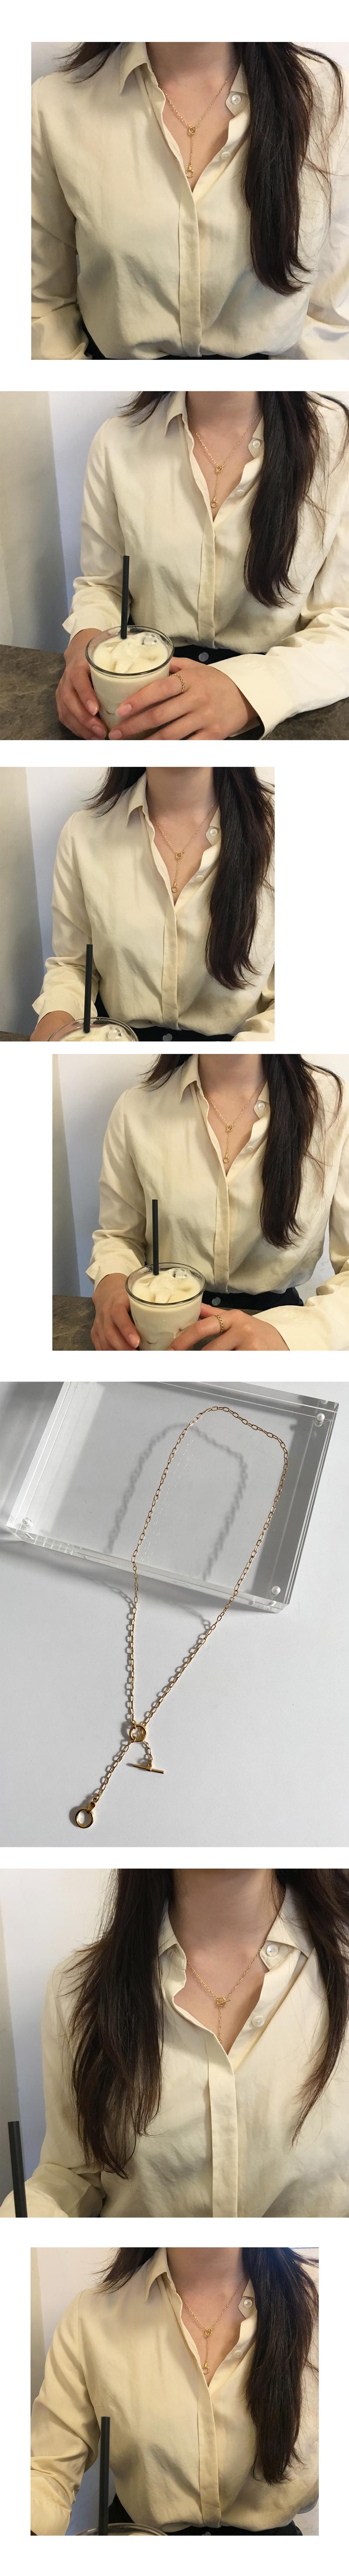 tou necklace